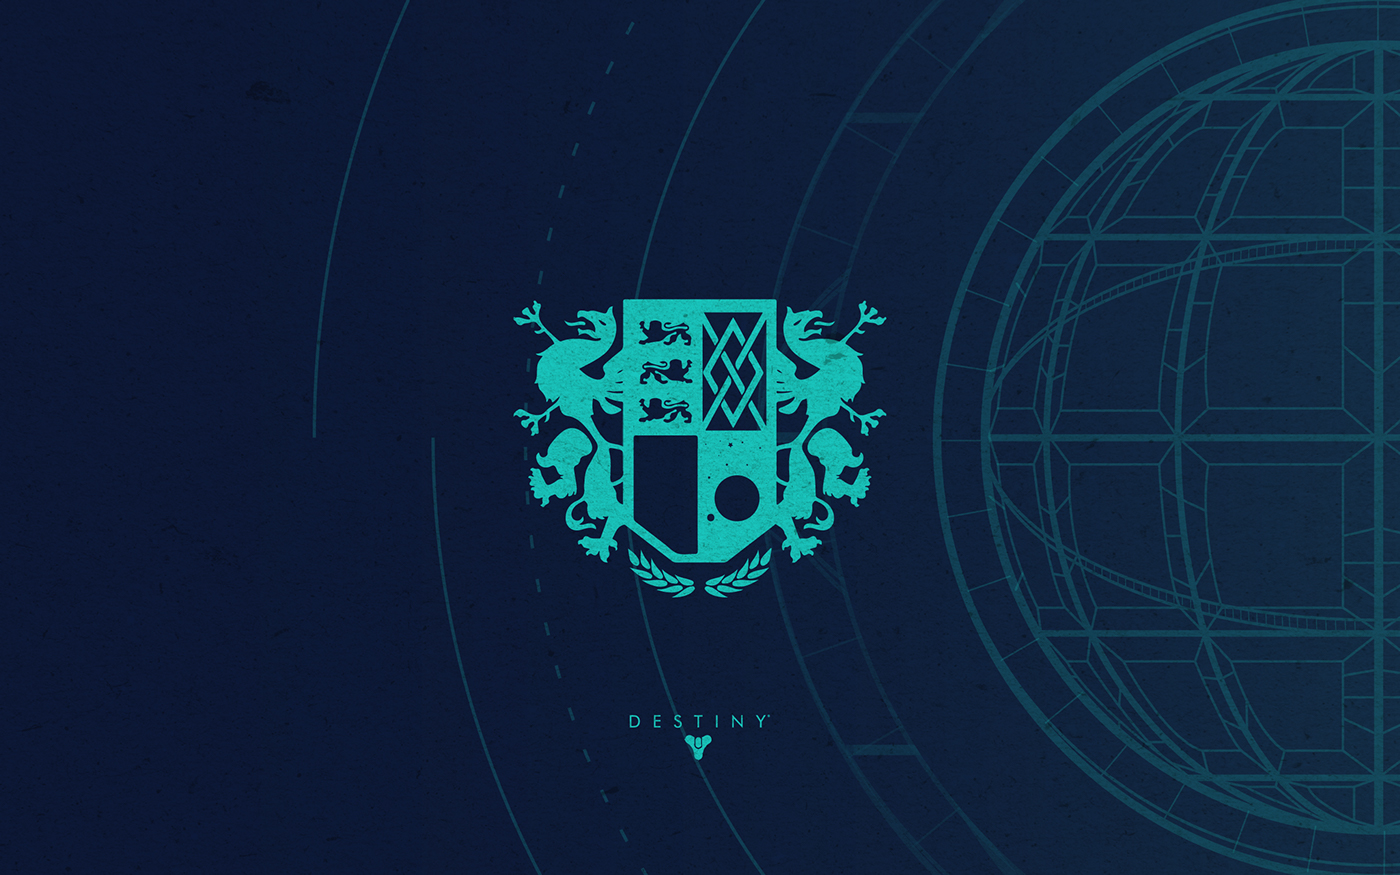 Destiny Emblem Wallpapers on Behance